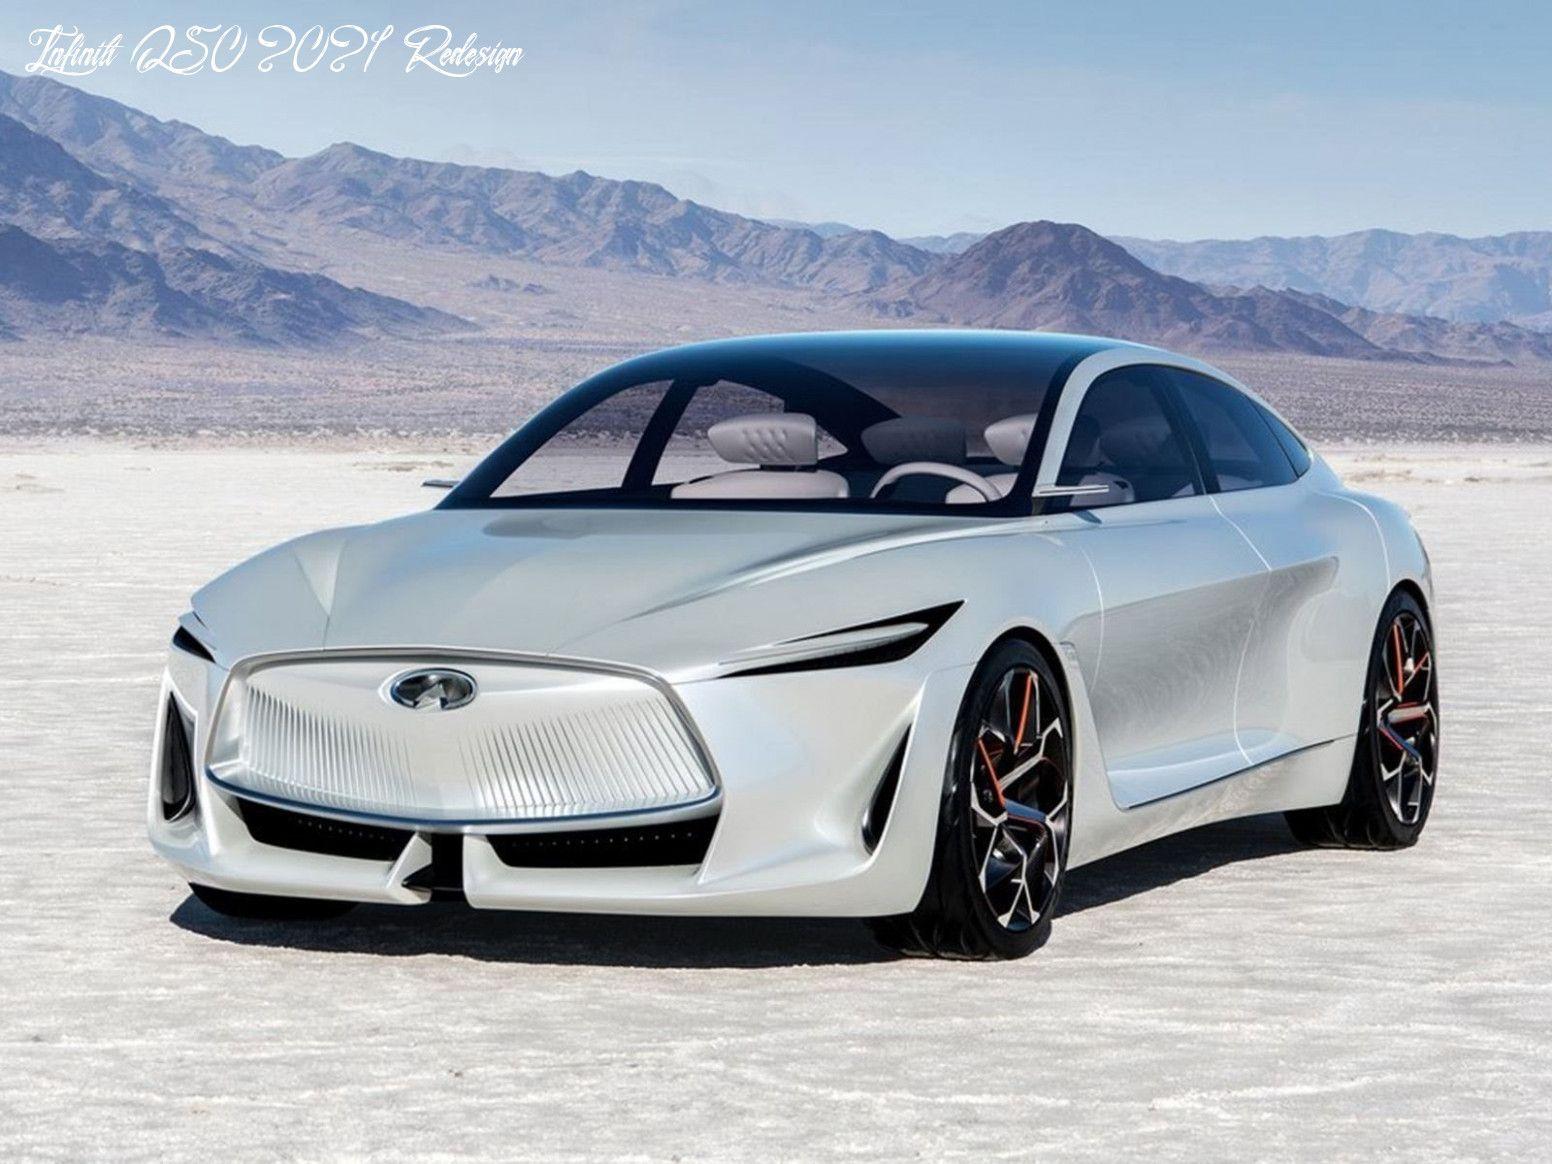 Infiniti Q50 2021 Redesign Exterior And Interior In 2020 Infiniti Q New Infiniti Car